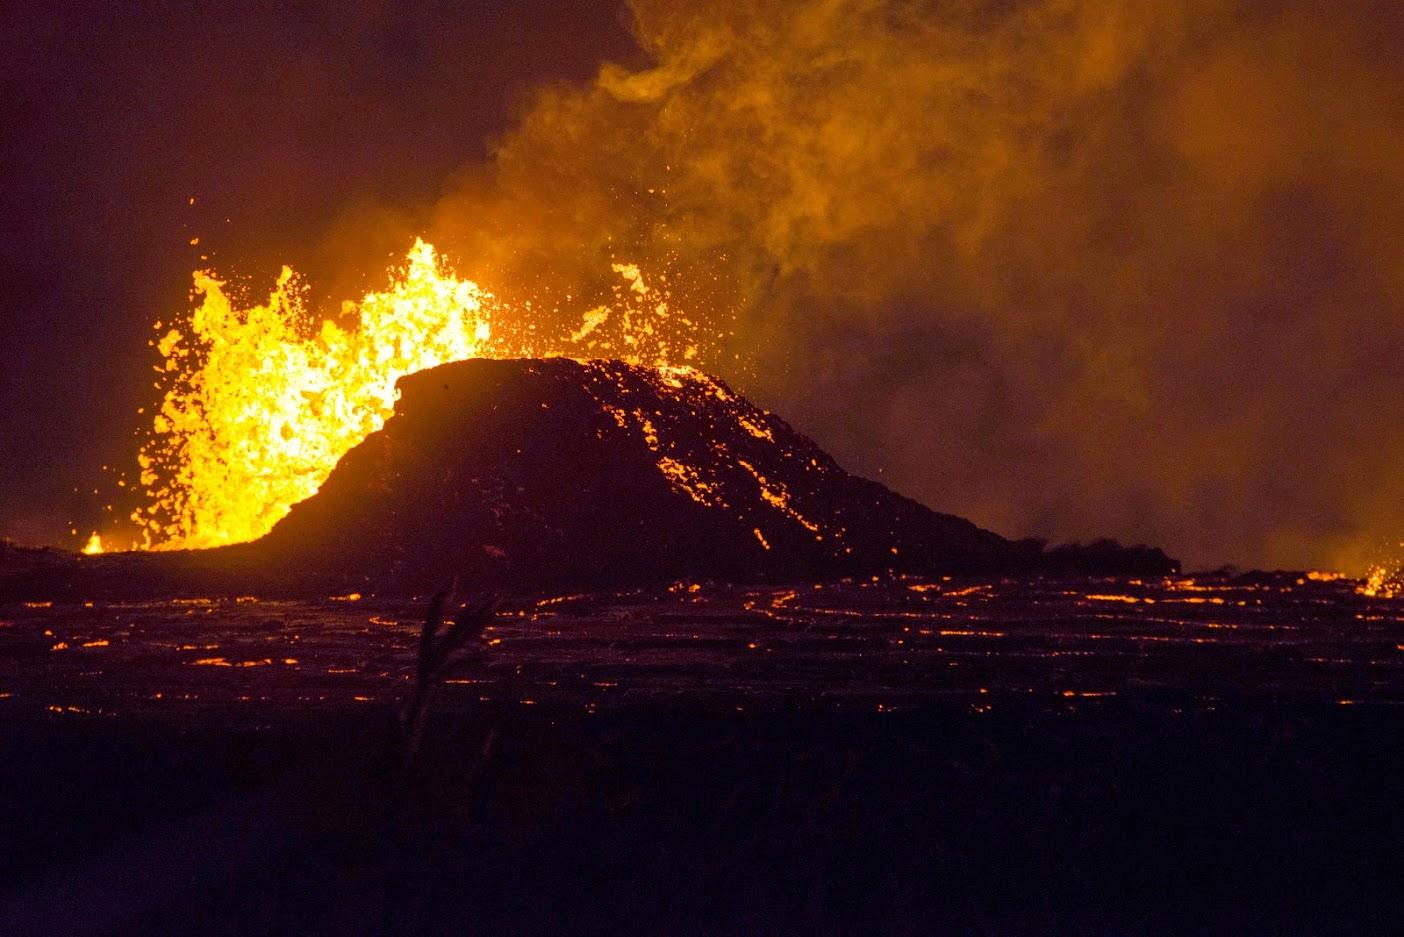 ज्वालामुखीच्या उद्रेकानंतर माउंट सिनाबुंगवर  जवळपास 42 मिनीटे विस्फोट झाले आणि प्रचंड ज्वाळा त्यातून निघाल्या, असं इंडोनेशियातील राष्ट्रीय आपत्ती व्यवस्थापन मंडळाचे प्रवक्ते सुतोपो पुर्वो नूग्रोहो यांनी स्पष्ट केलं. (प्रतीकात्मक फोटो)